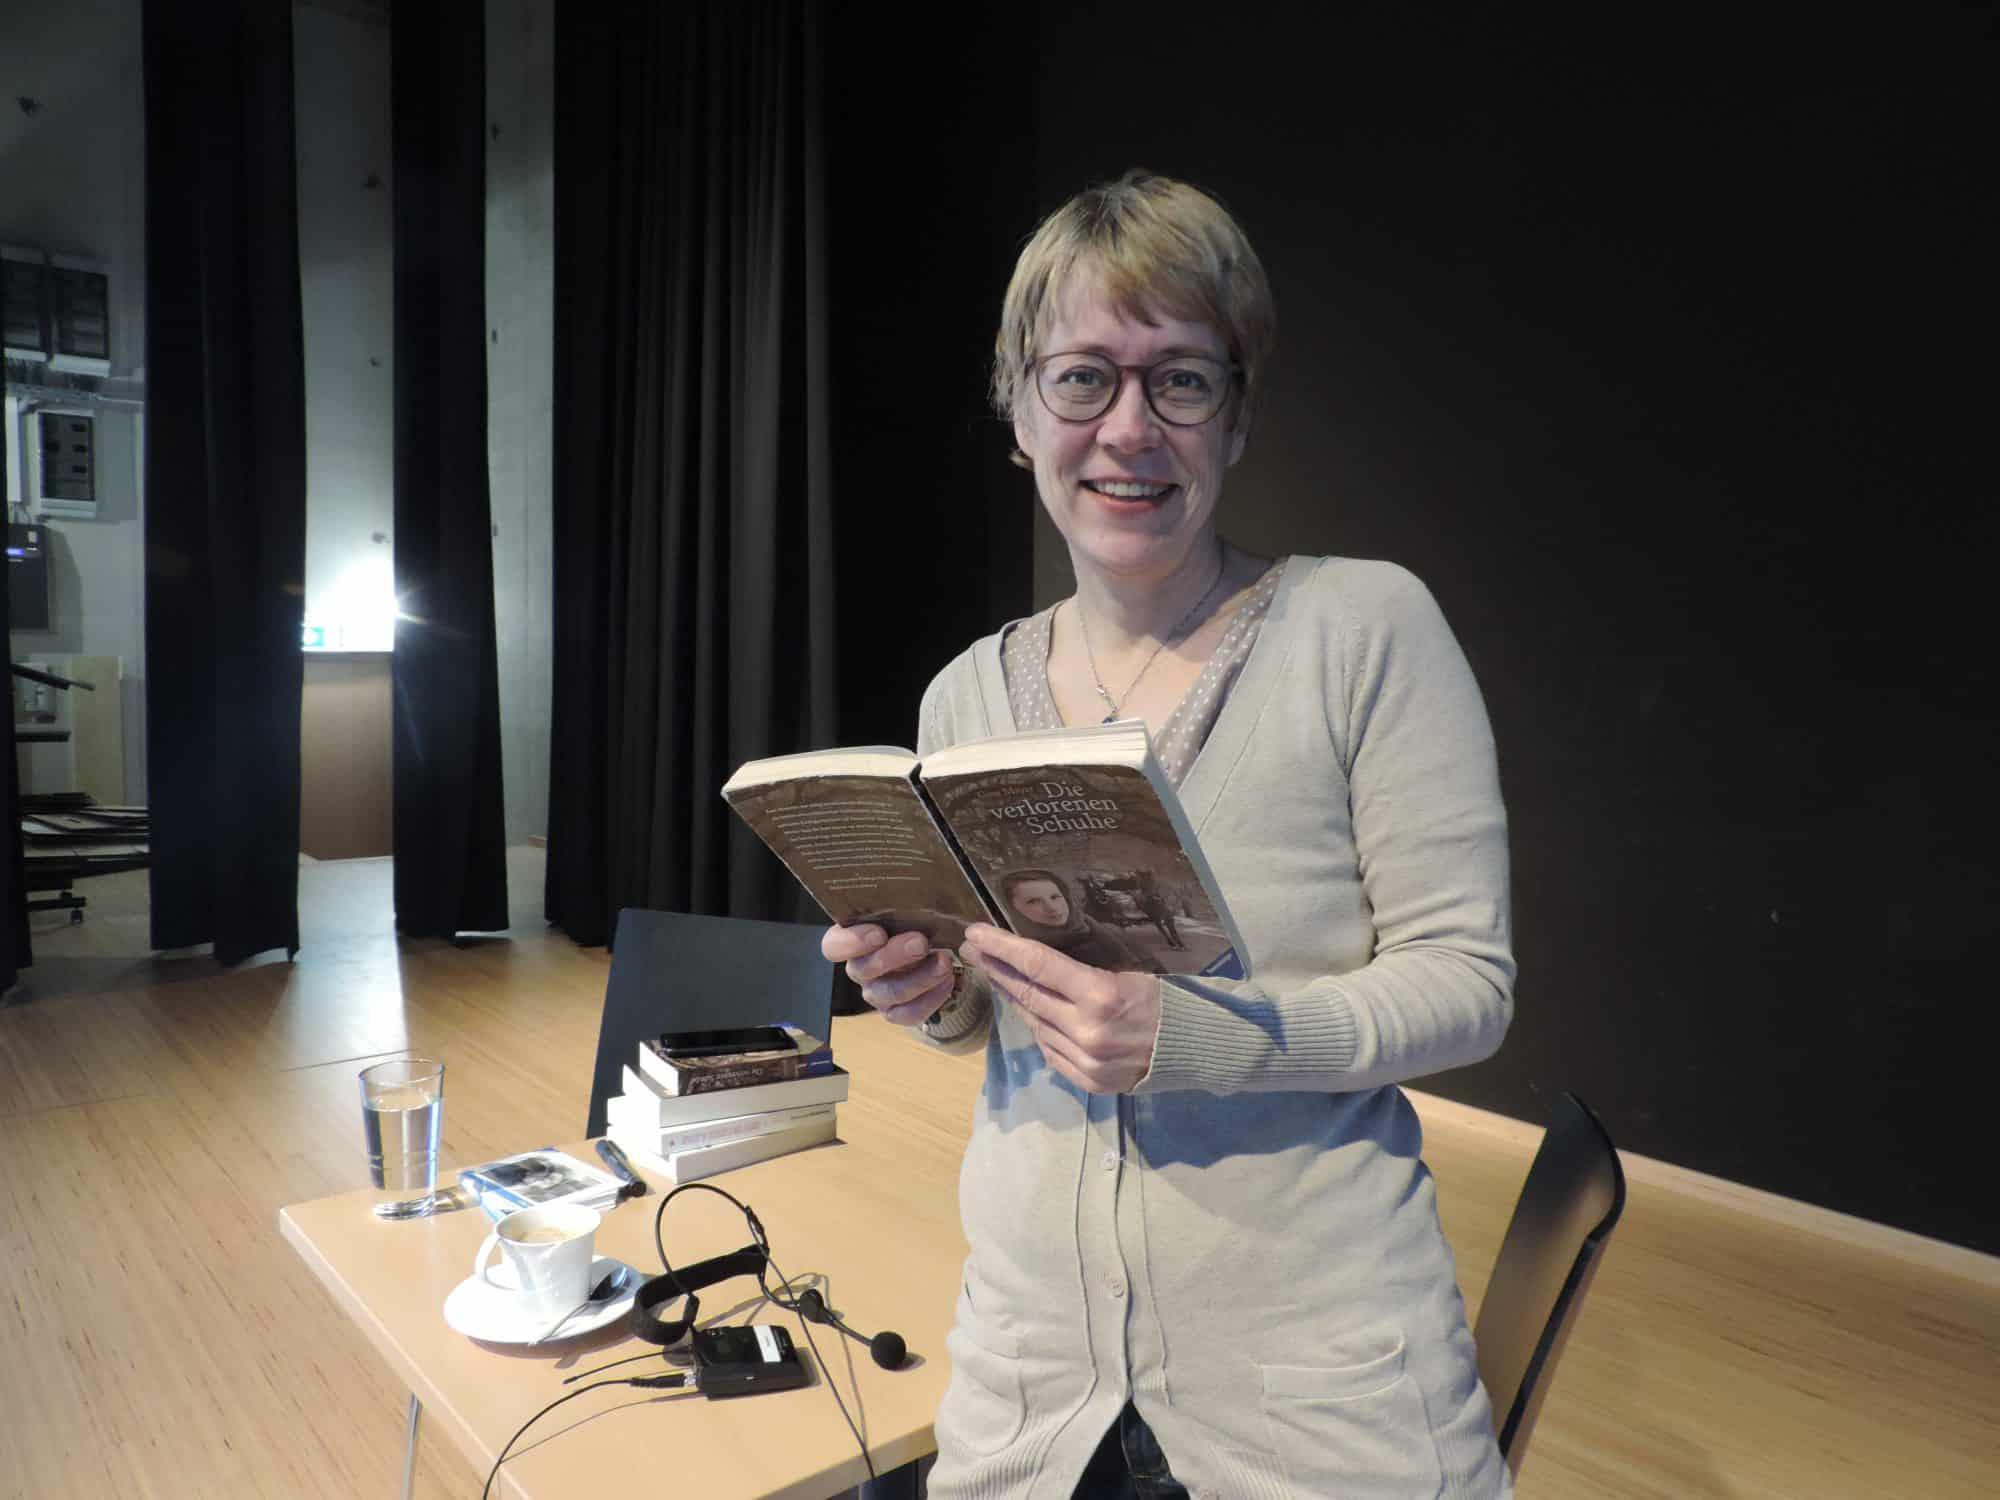 Die Düsseldorfer Jugendbuchautorin Gina Mayer las vor Jugendlichen in Lipppstadt. Alle Fotos: Sabine Hense-Ferch